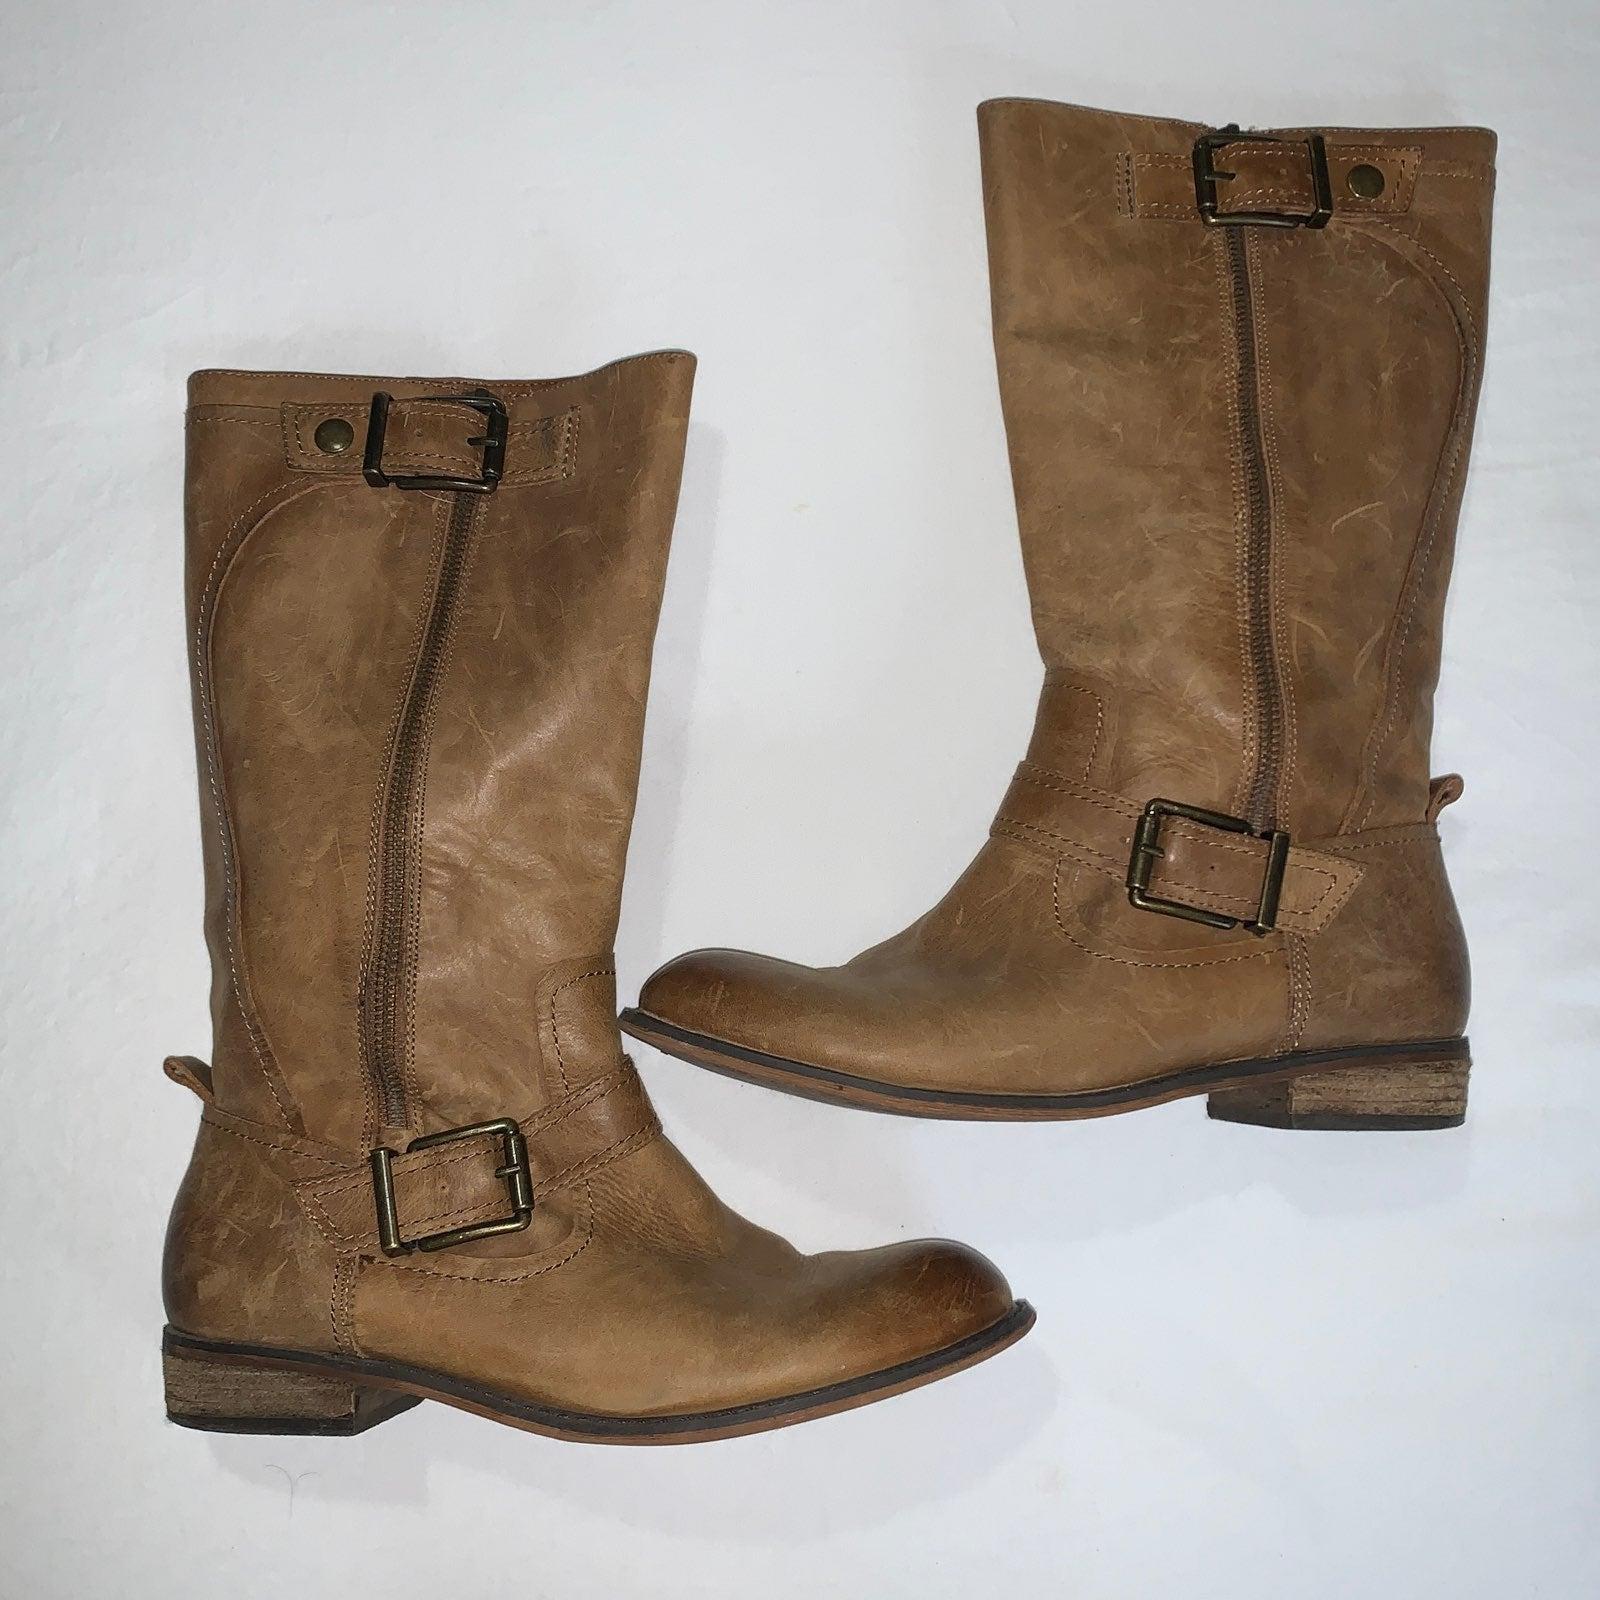 Gianni Bini Ride On Boots